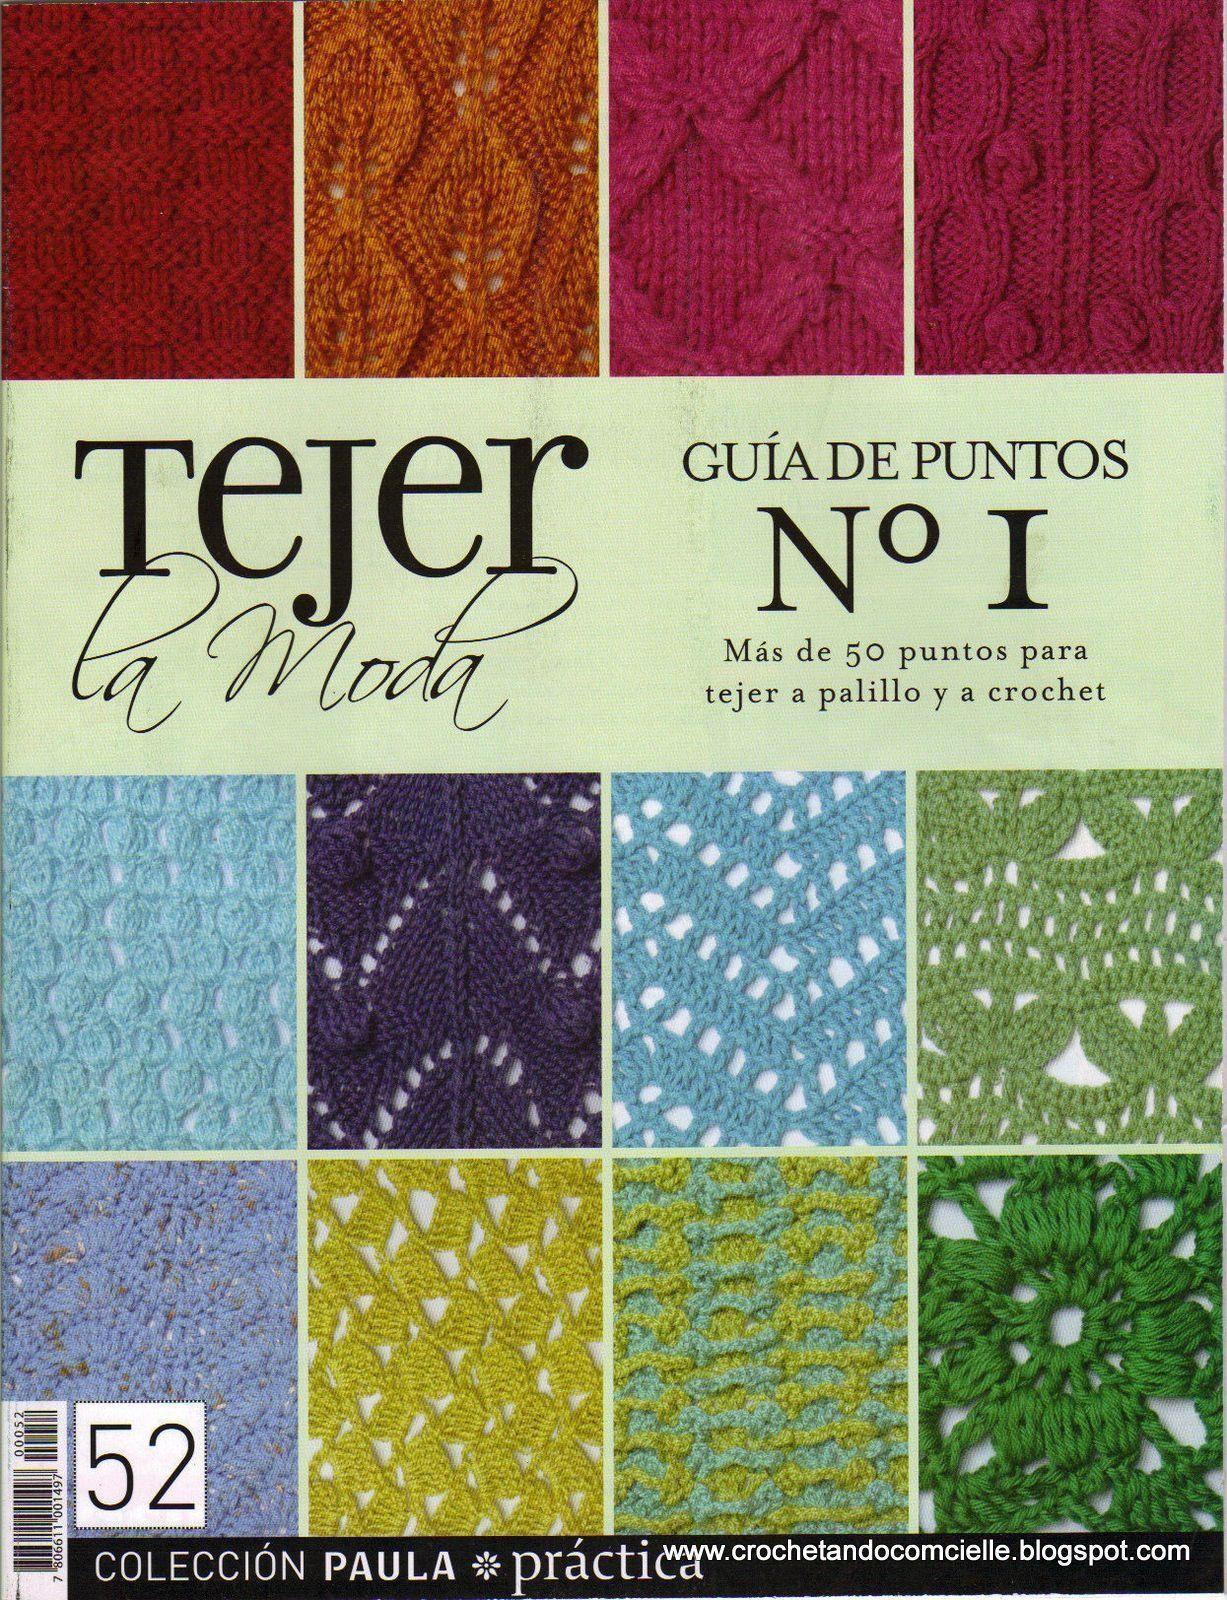 Guía de puntos para tejer a palillos y a crochet - Patrones gratis